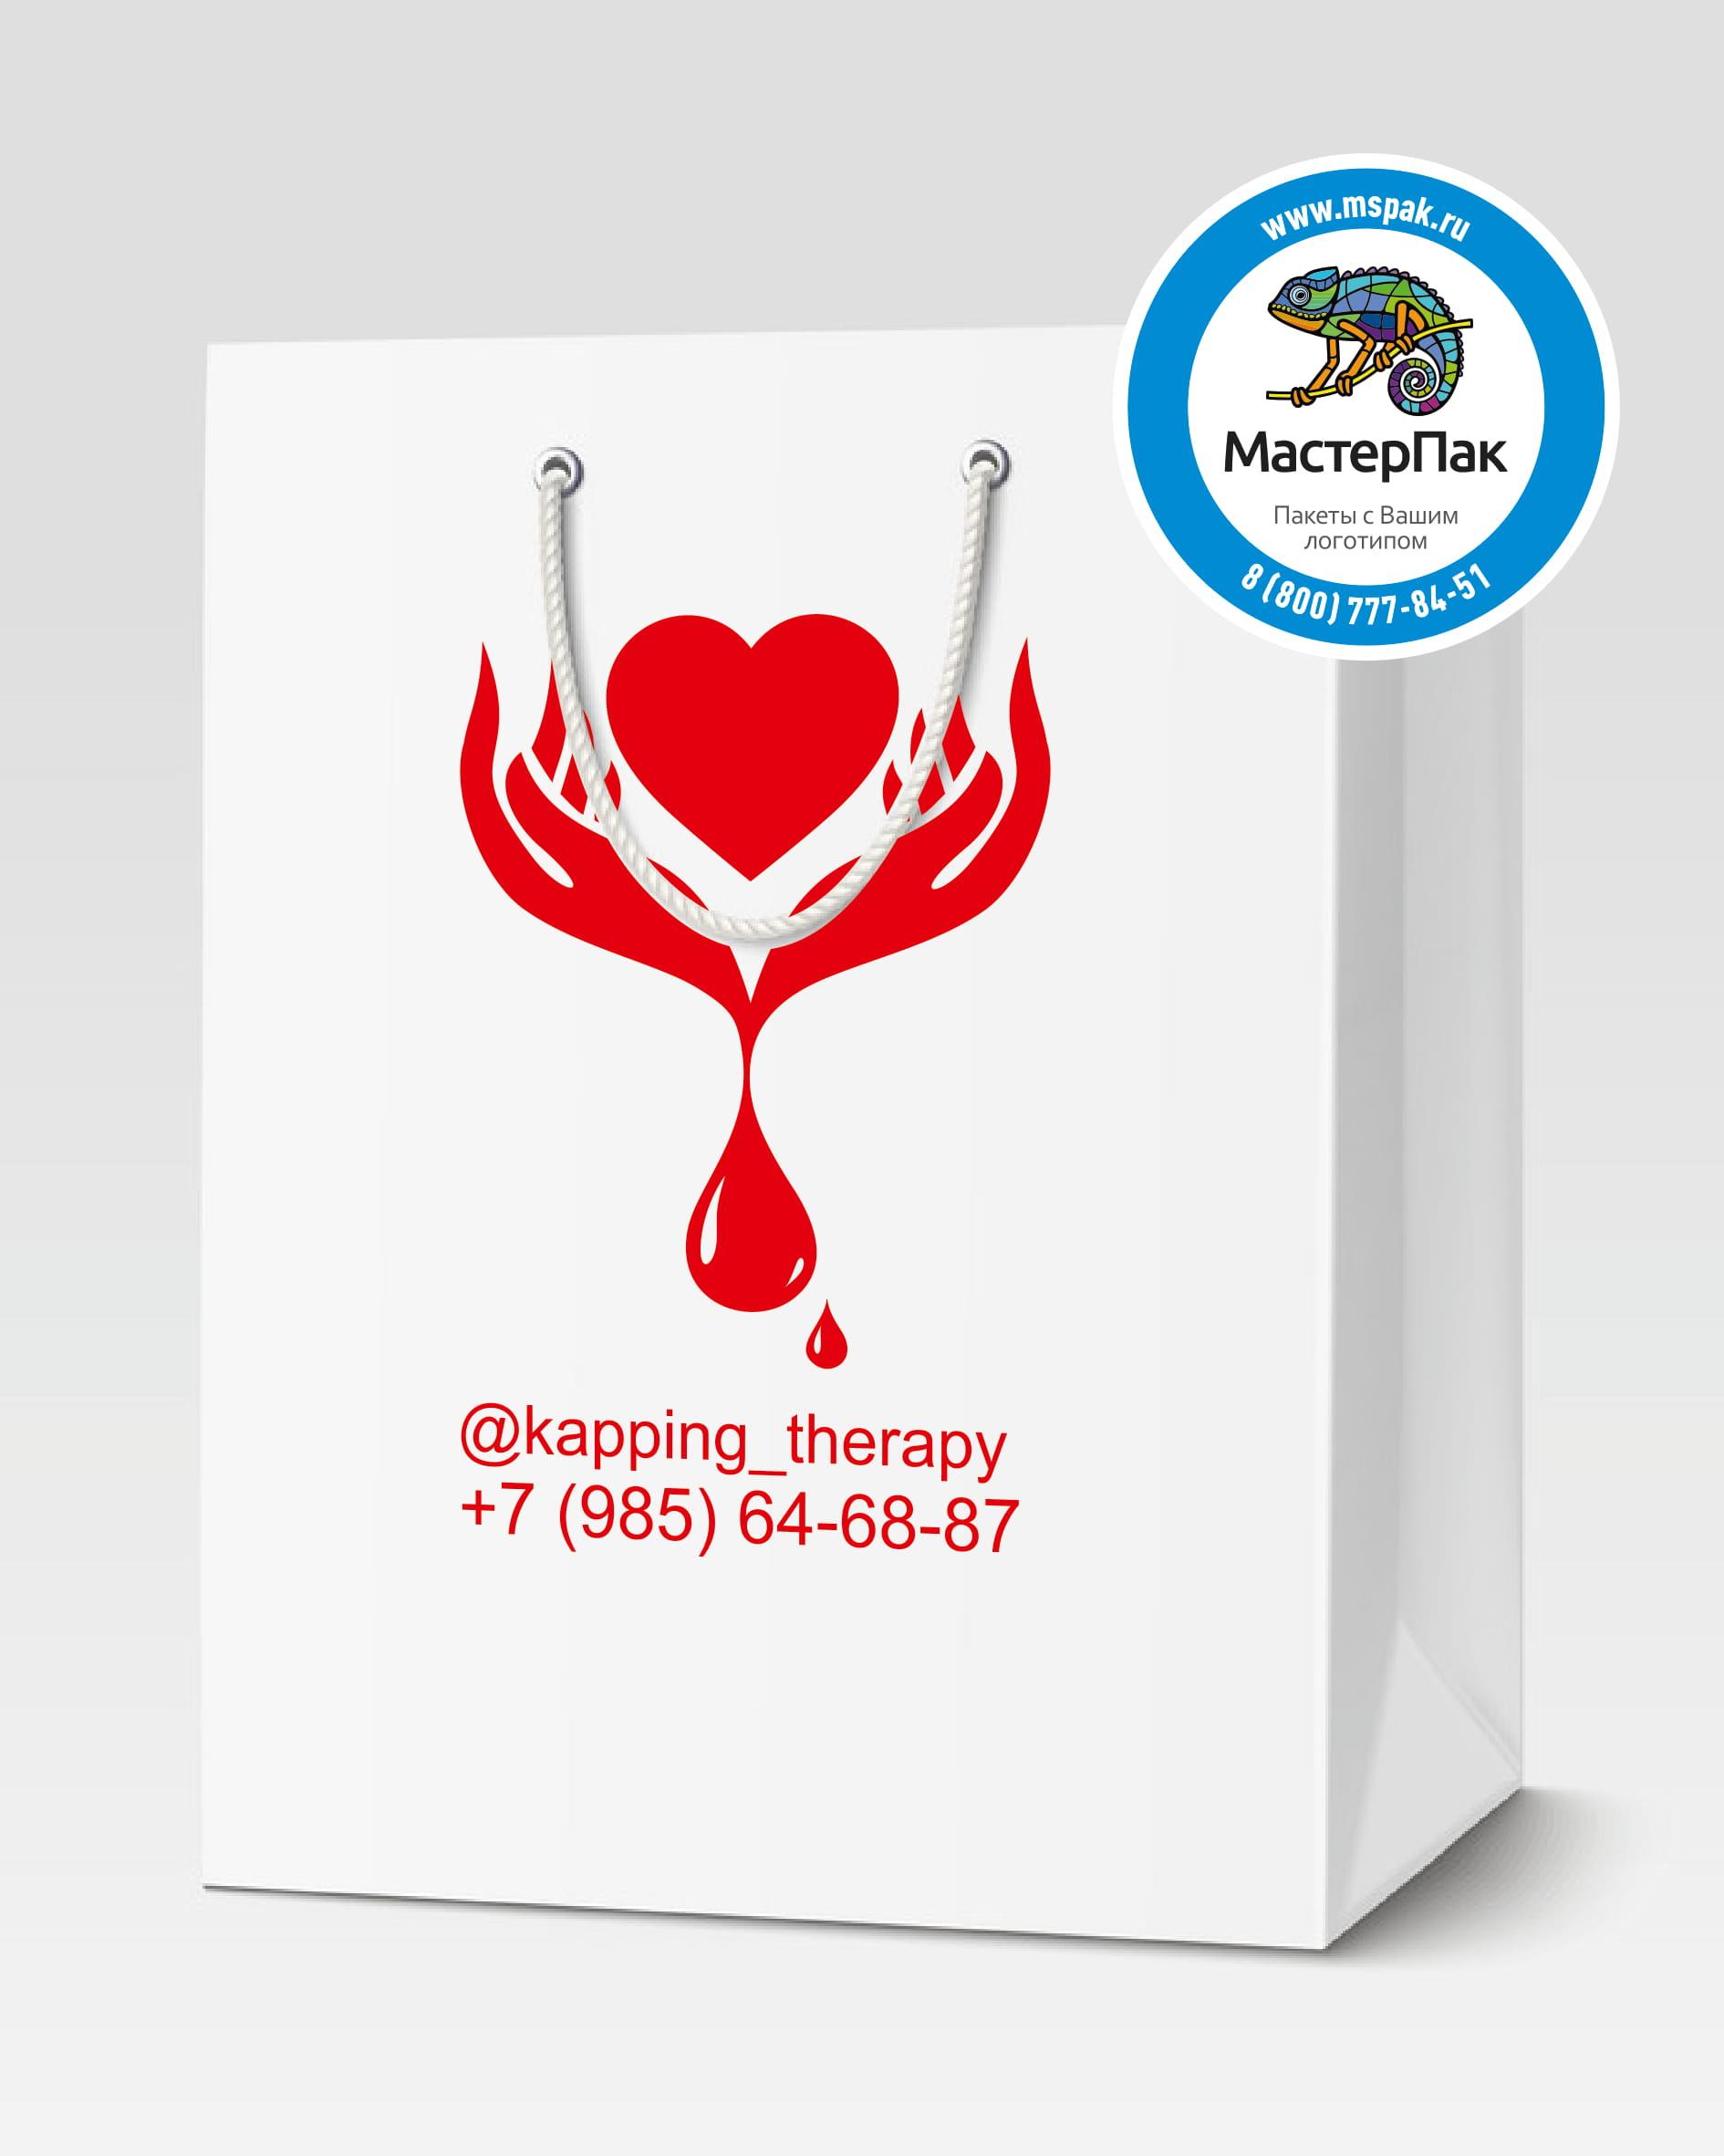 Пакет подарочный, бумажный с логотипом @kapping_therapy, люверсы, 30*40